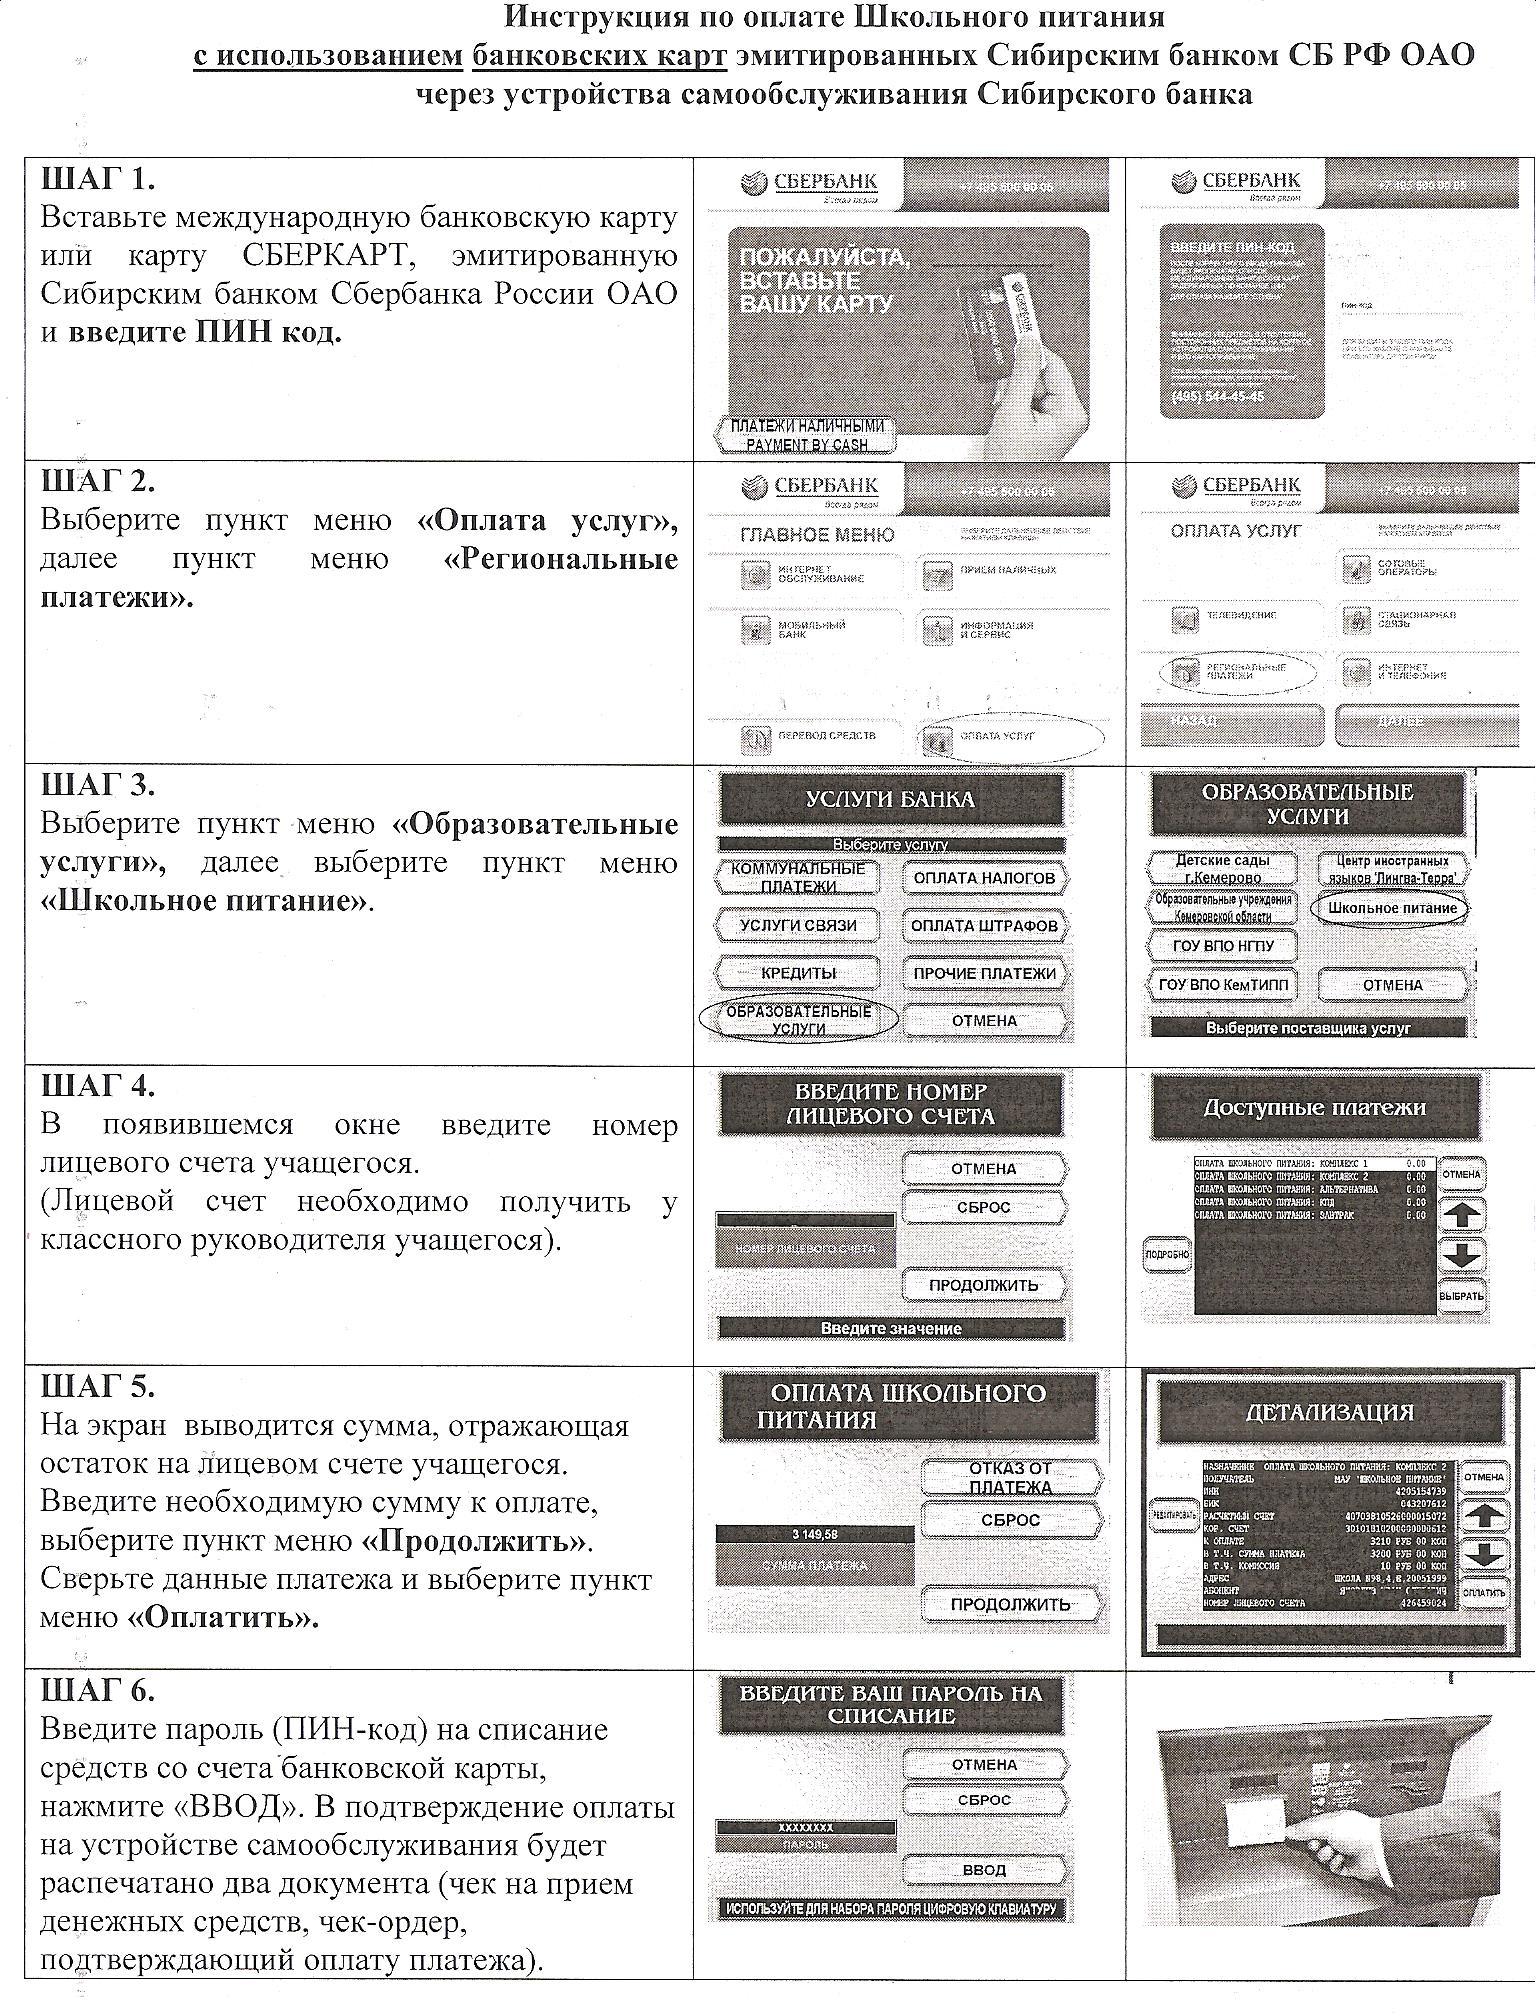 инструкция по техническому обеспечению банкоматов